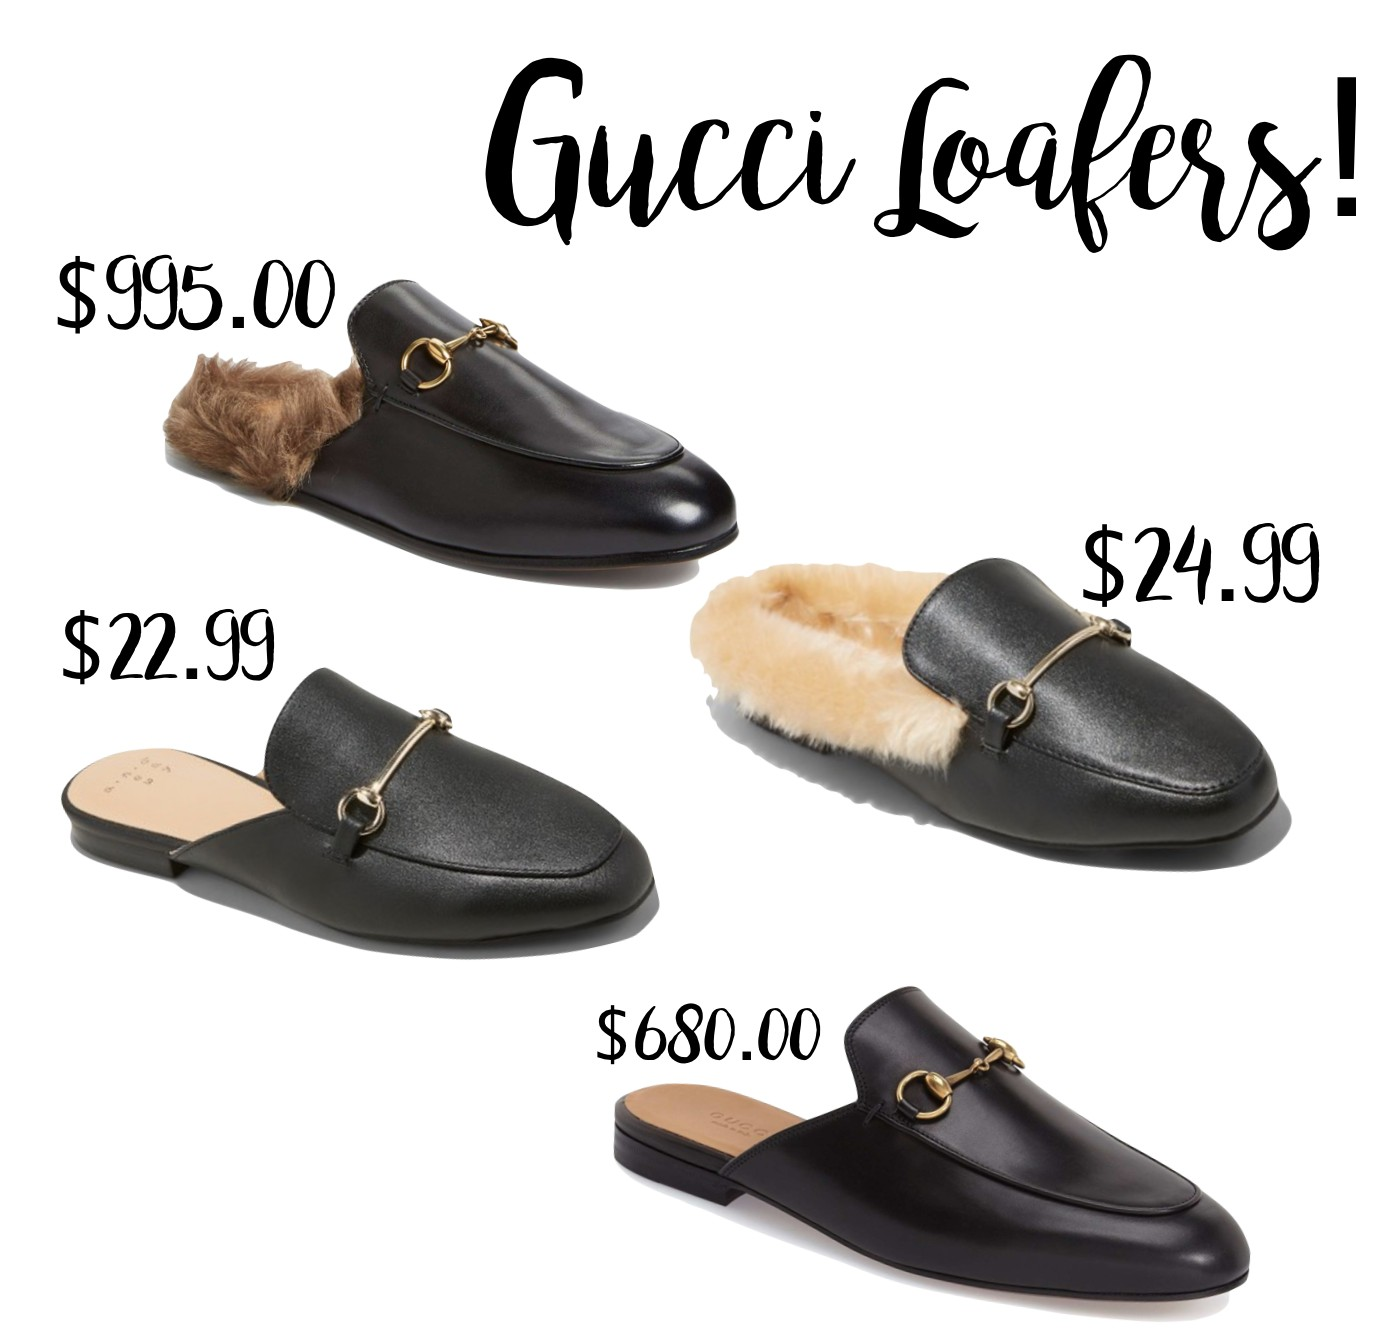 af0ec5c76c8a Sunday Steals: Gucci Loafer Dupes! – abigailsays